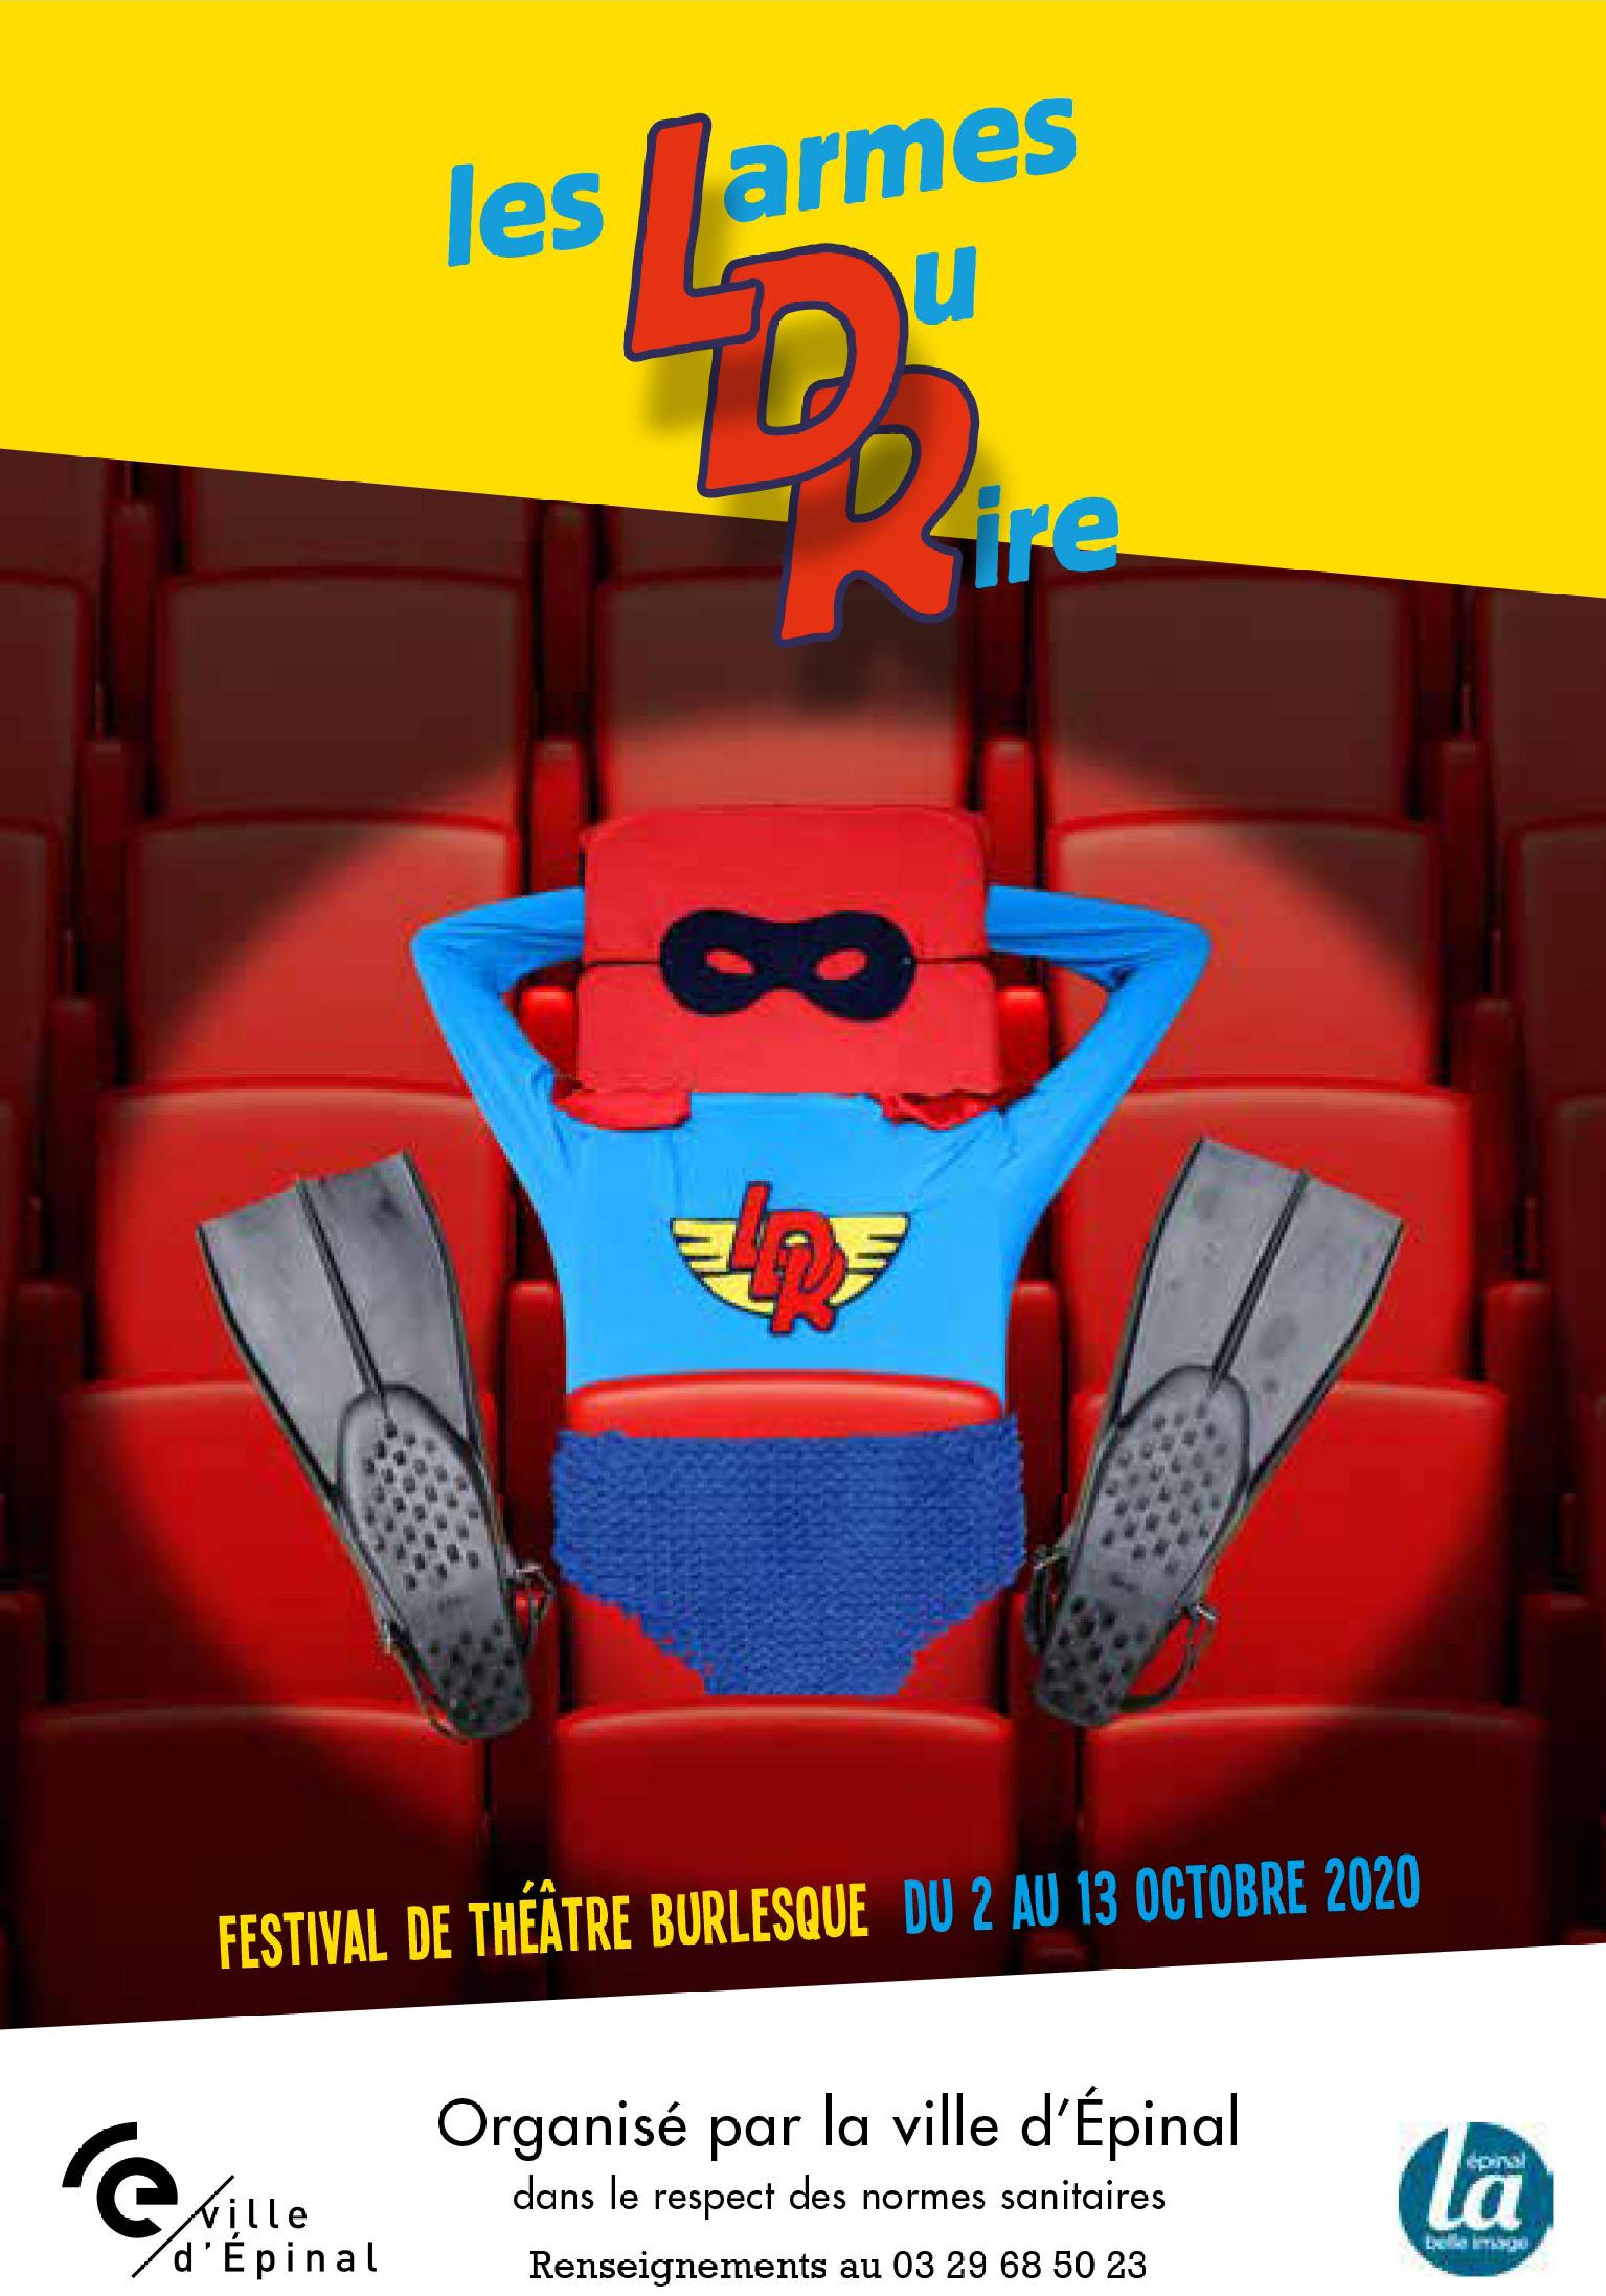 Les Larmes du Rire 2020 Epinal Festival de Théâtre Burlesque